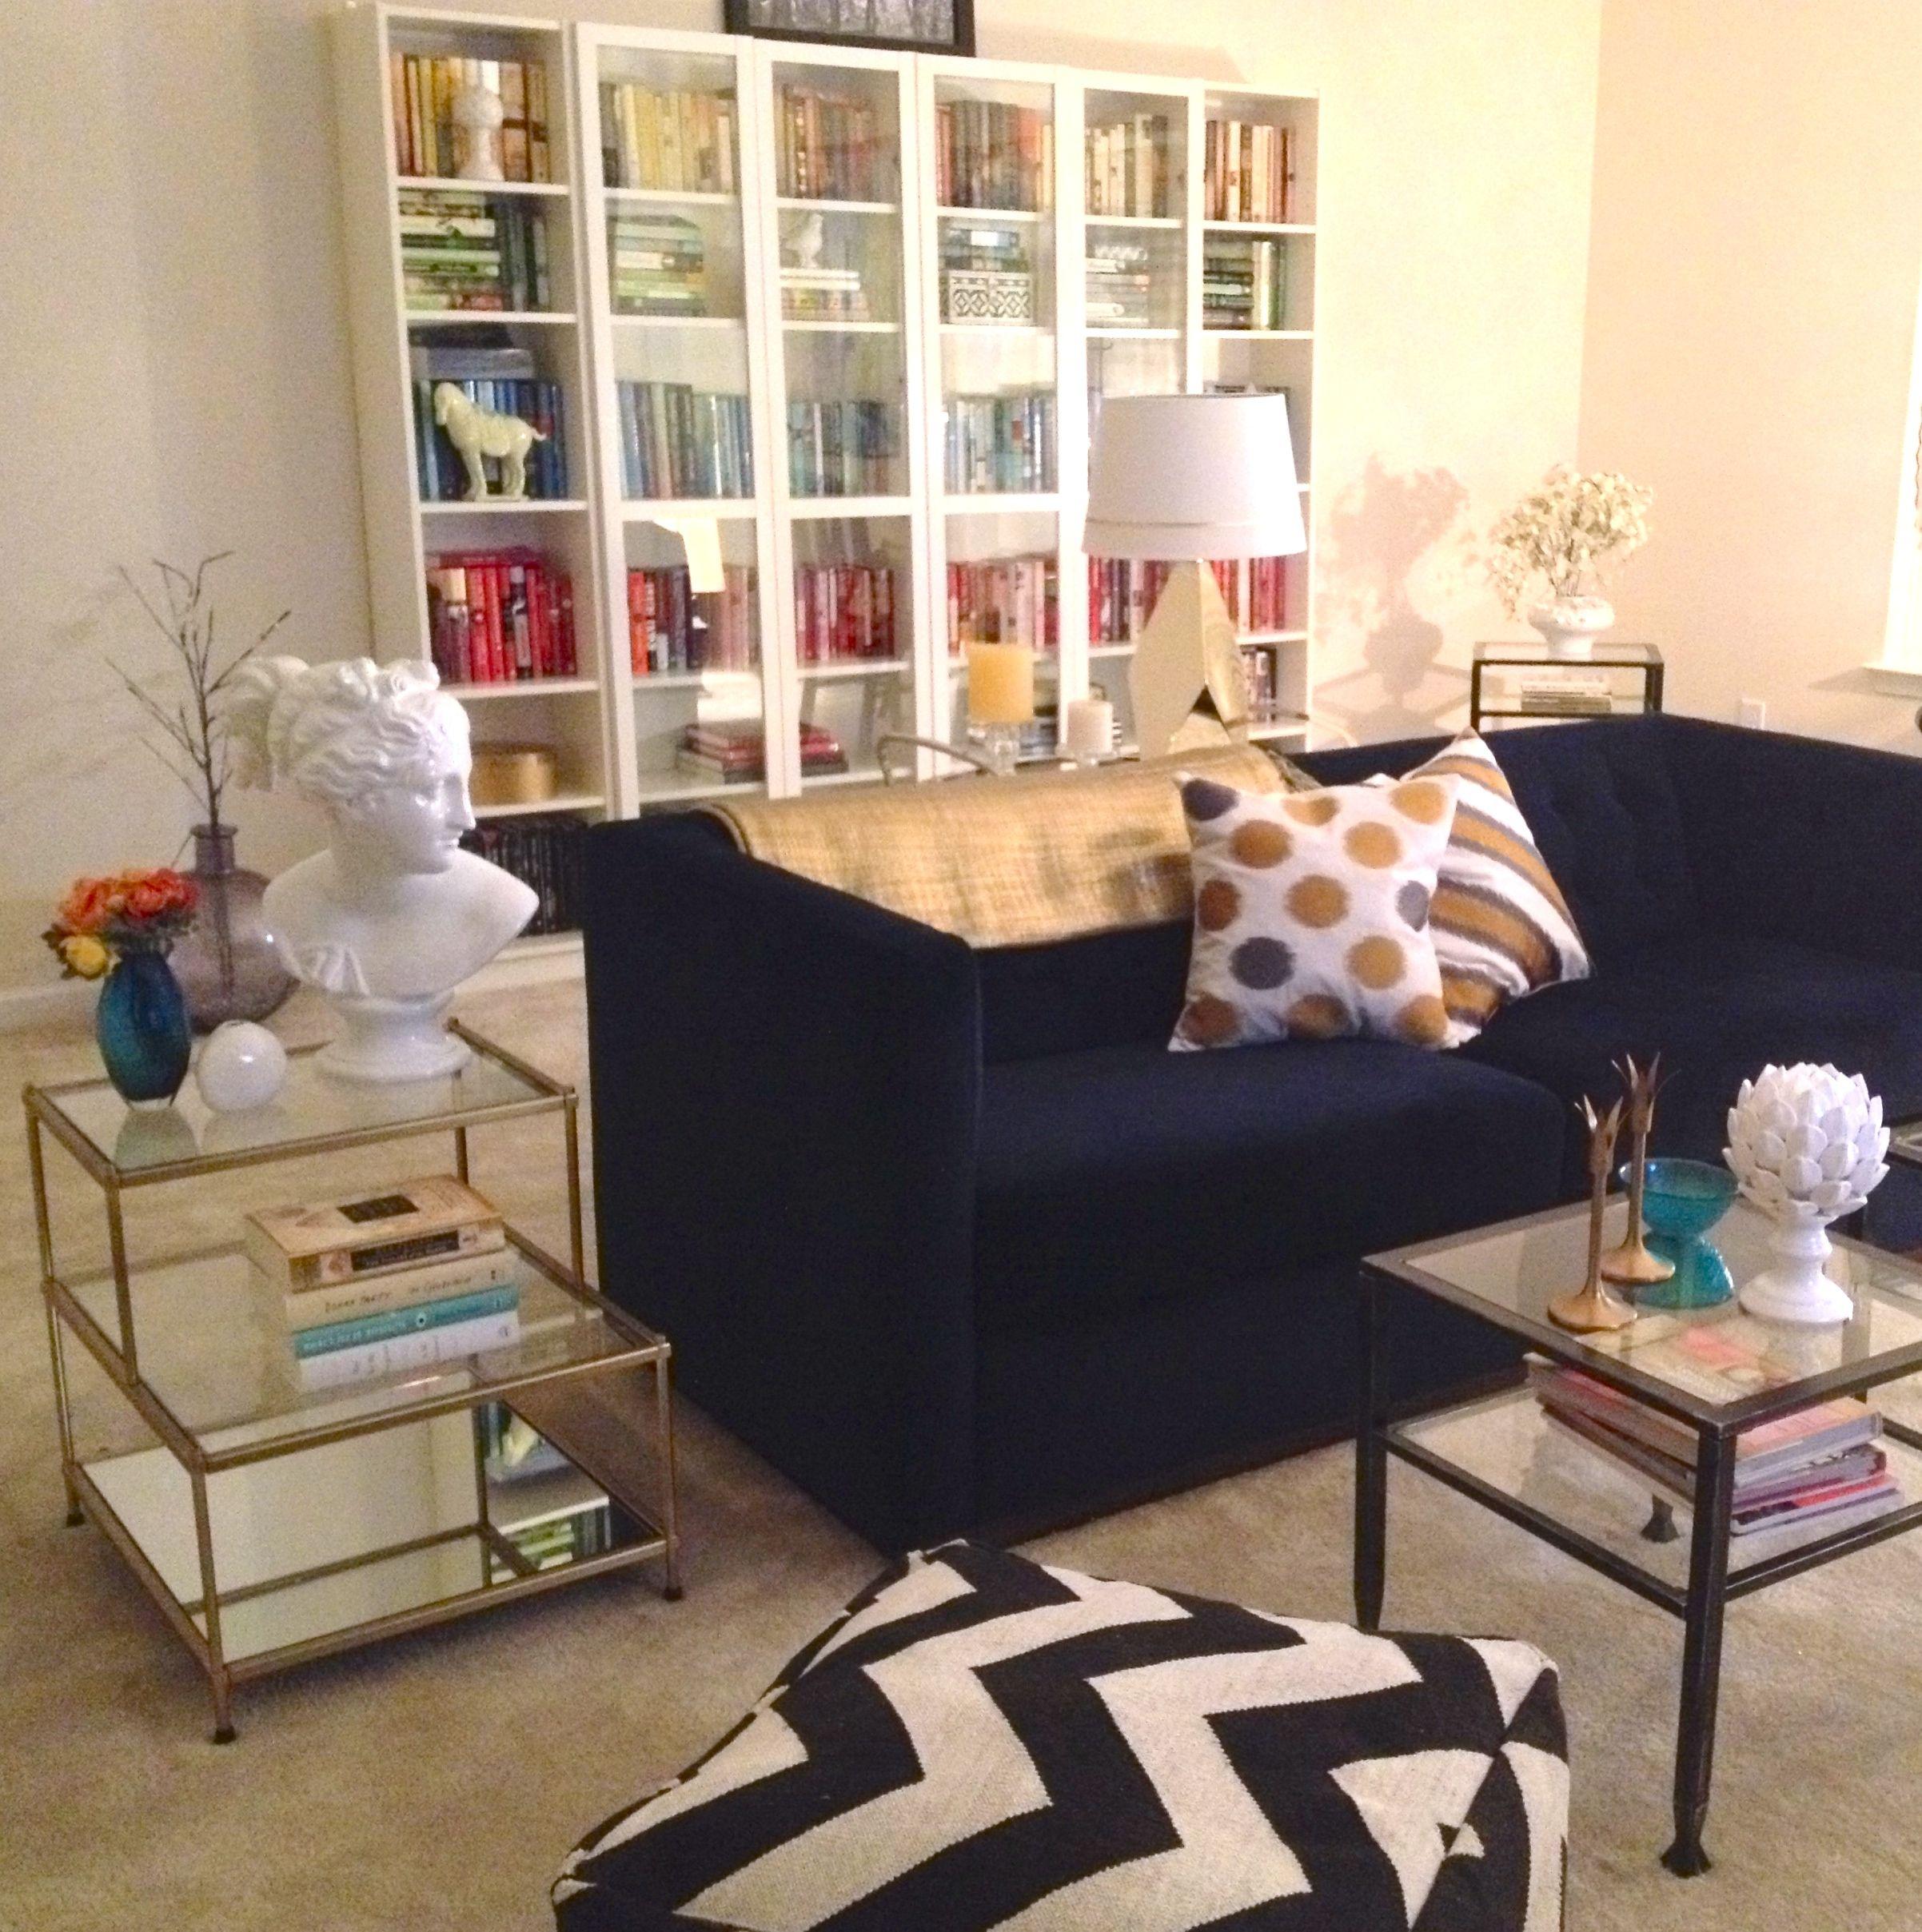 My living room WestElm blue velvet sofa chevron pouf Ikea